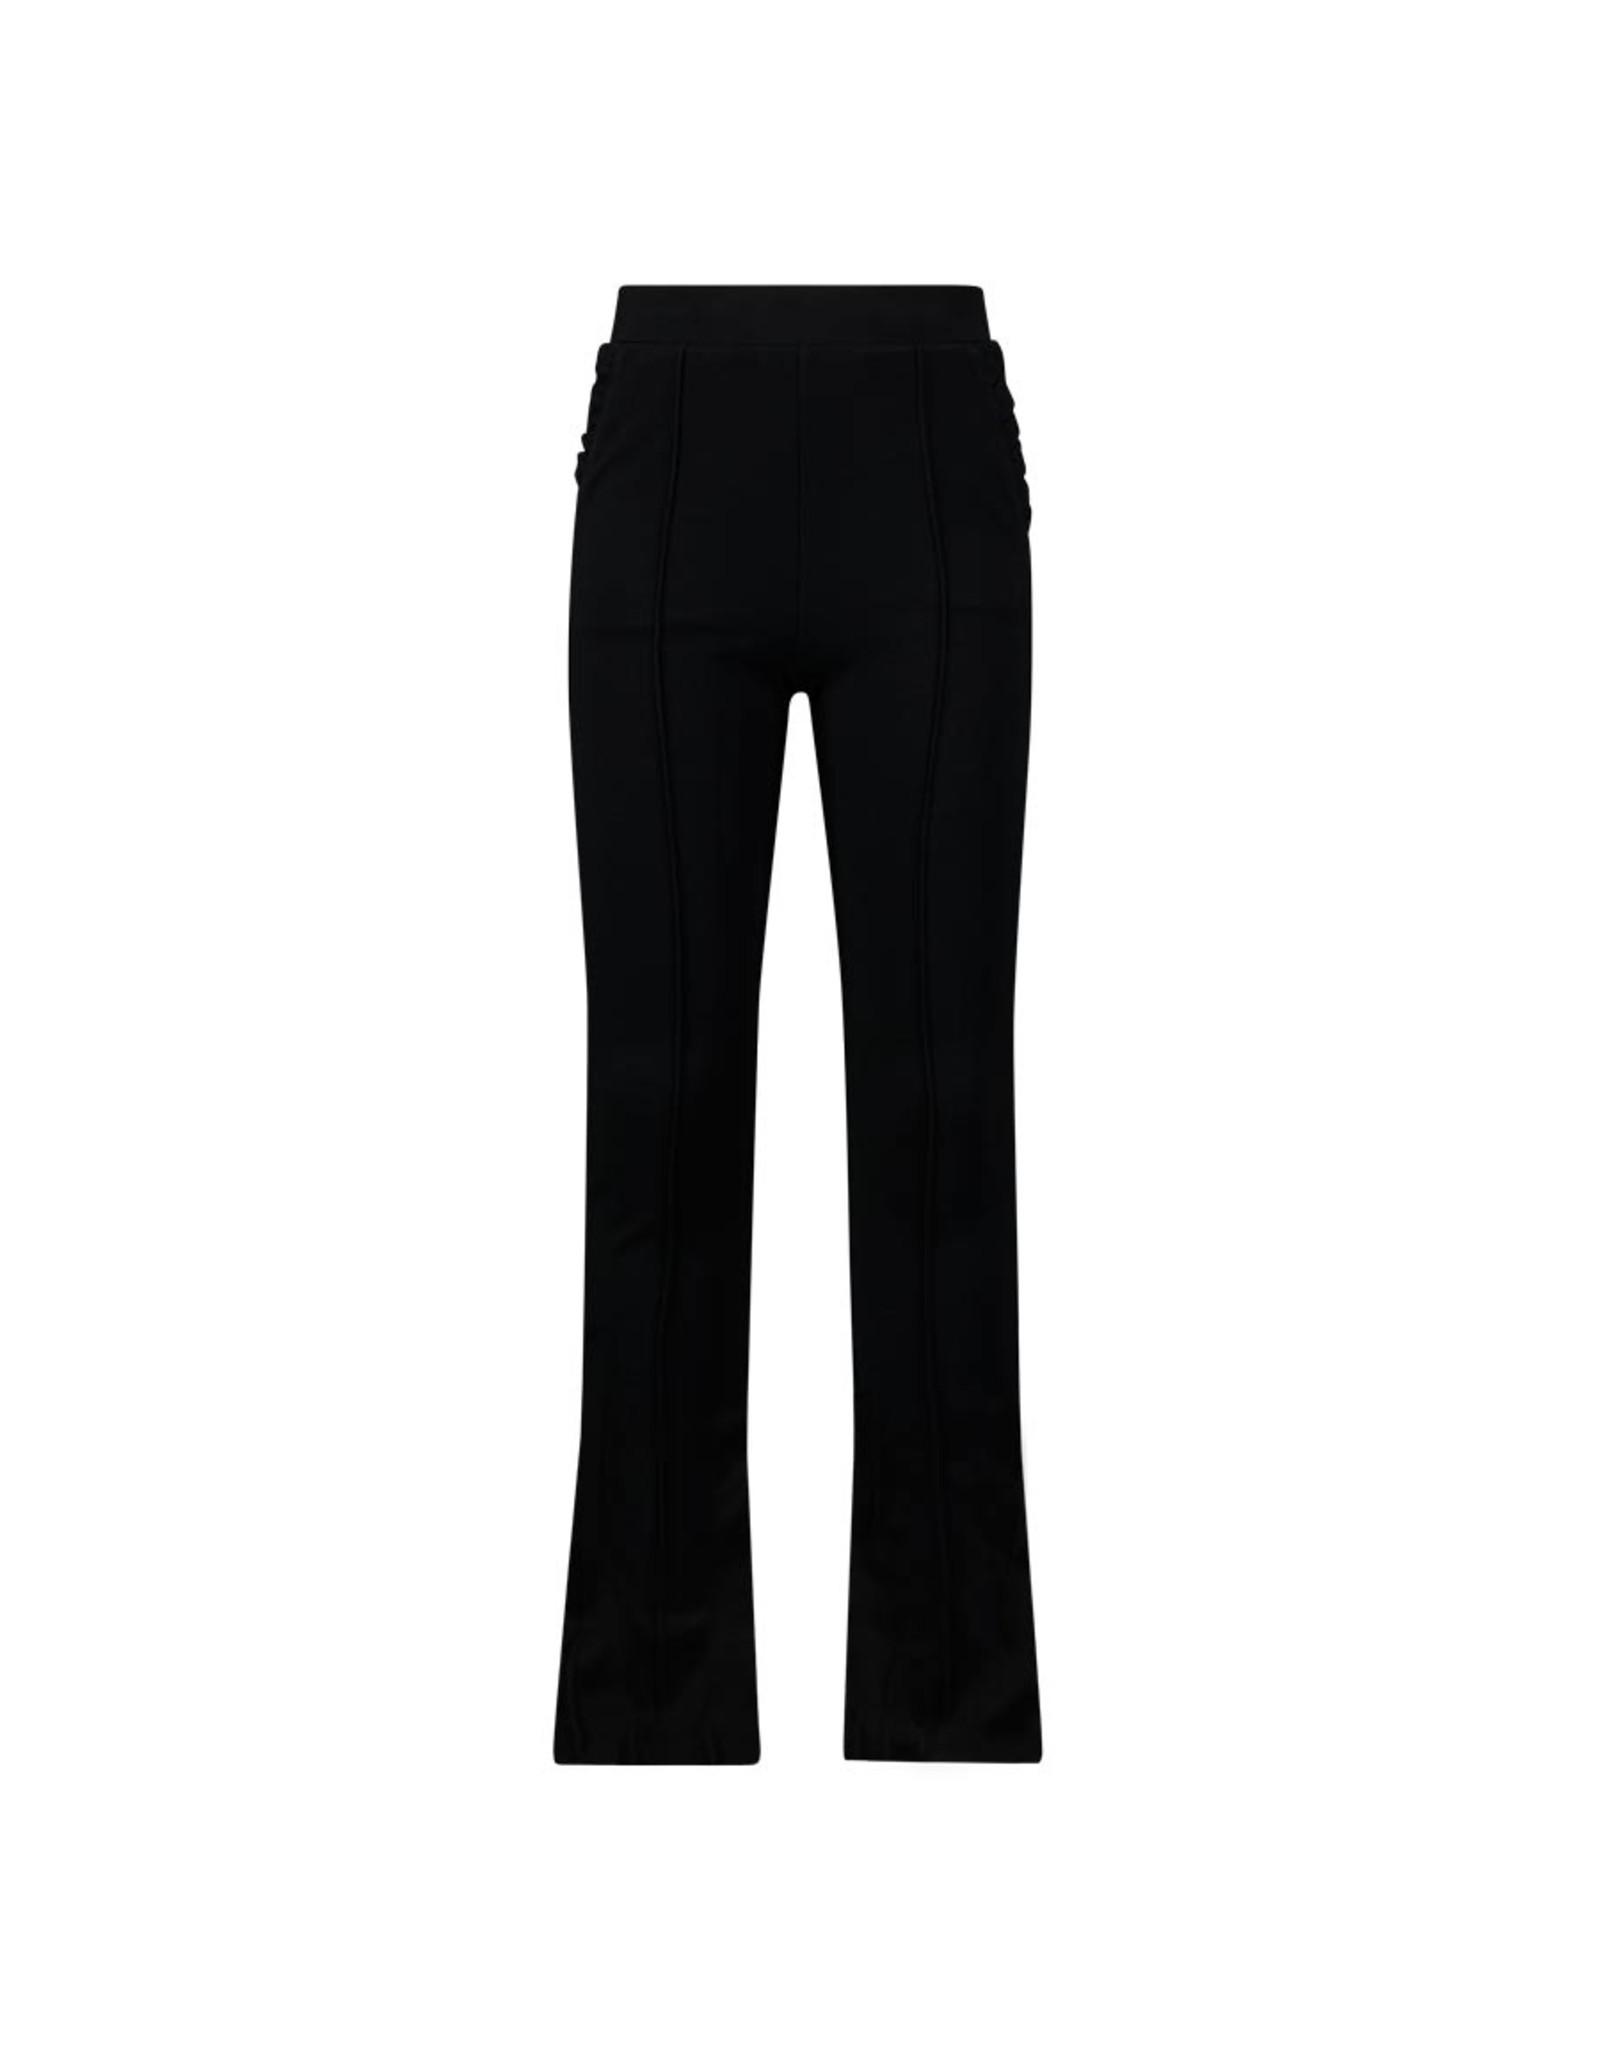 Retour Jeans Pant Fem Black